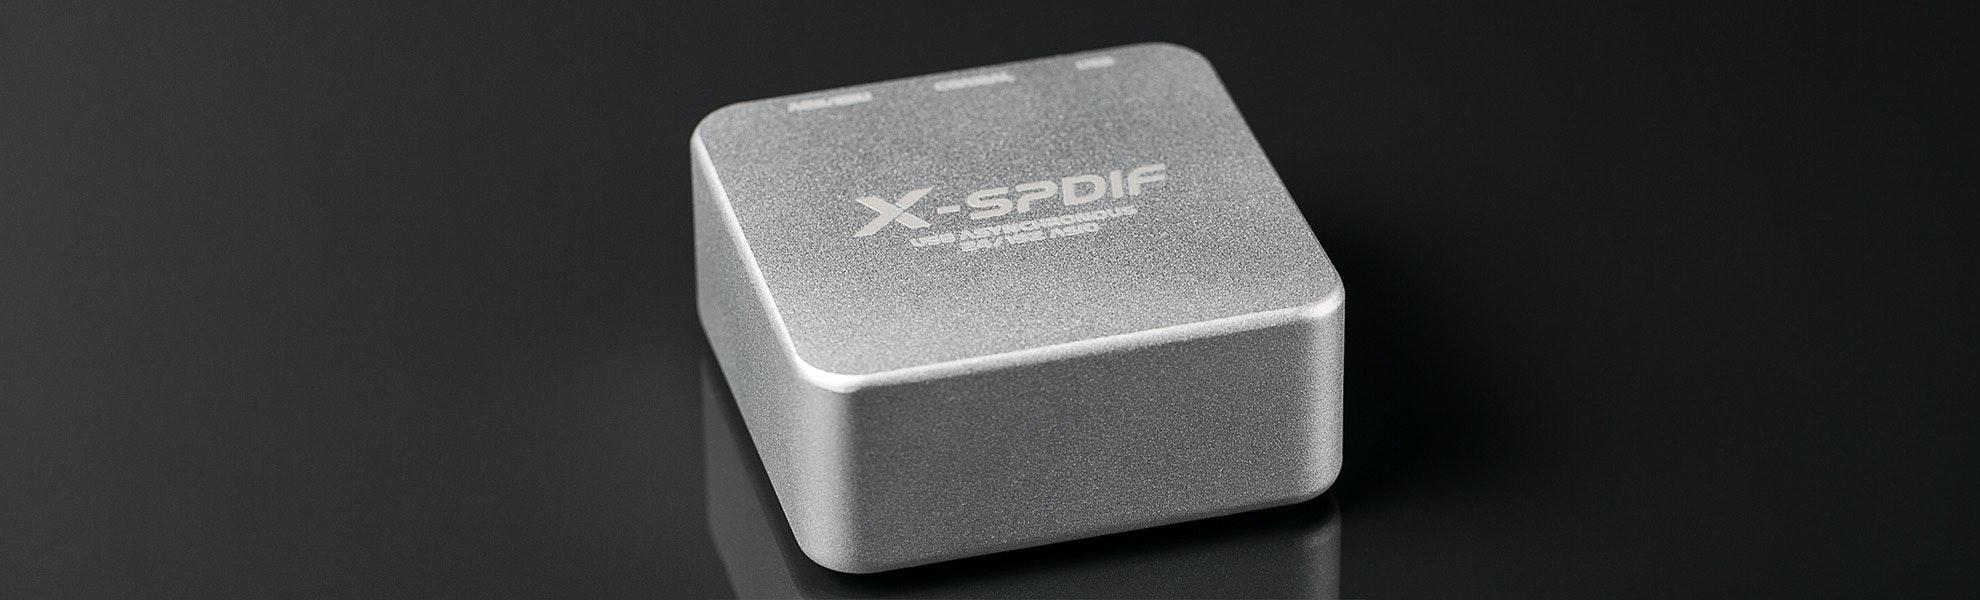 Matrix X-SPDIF